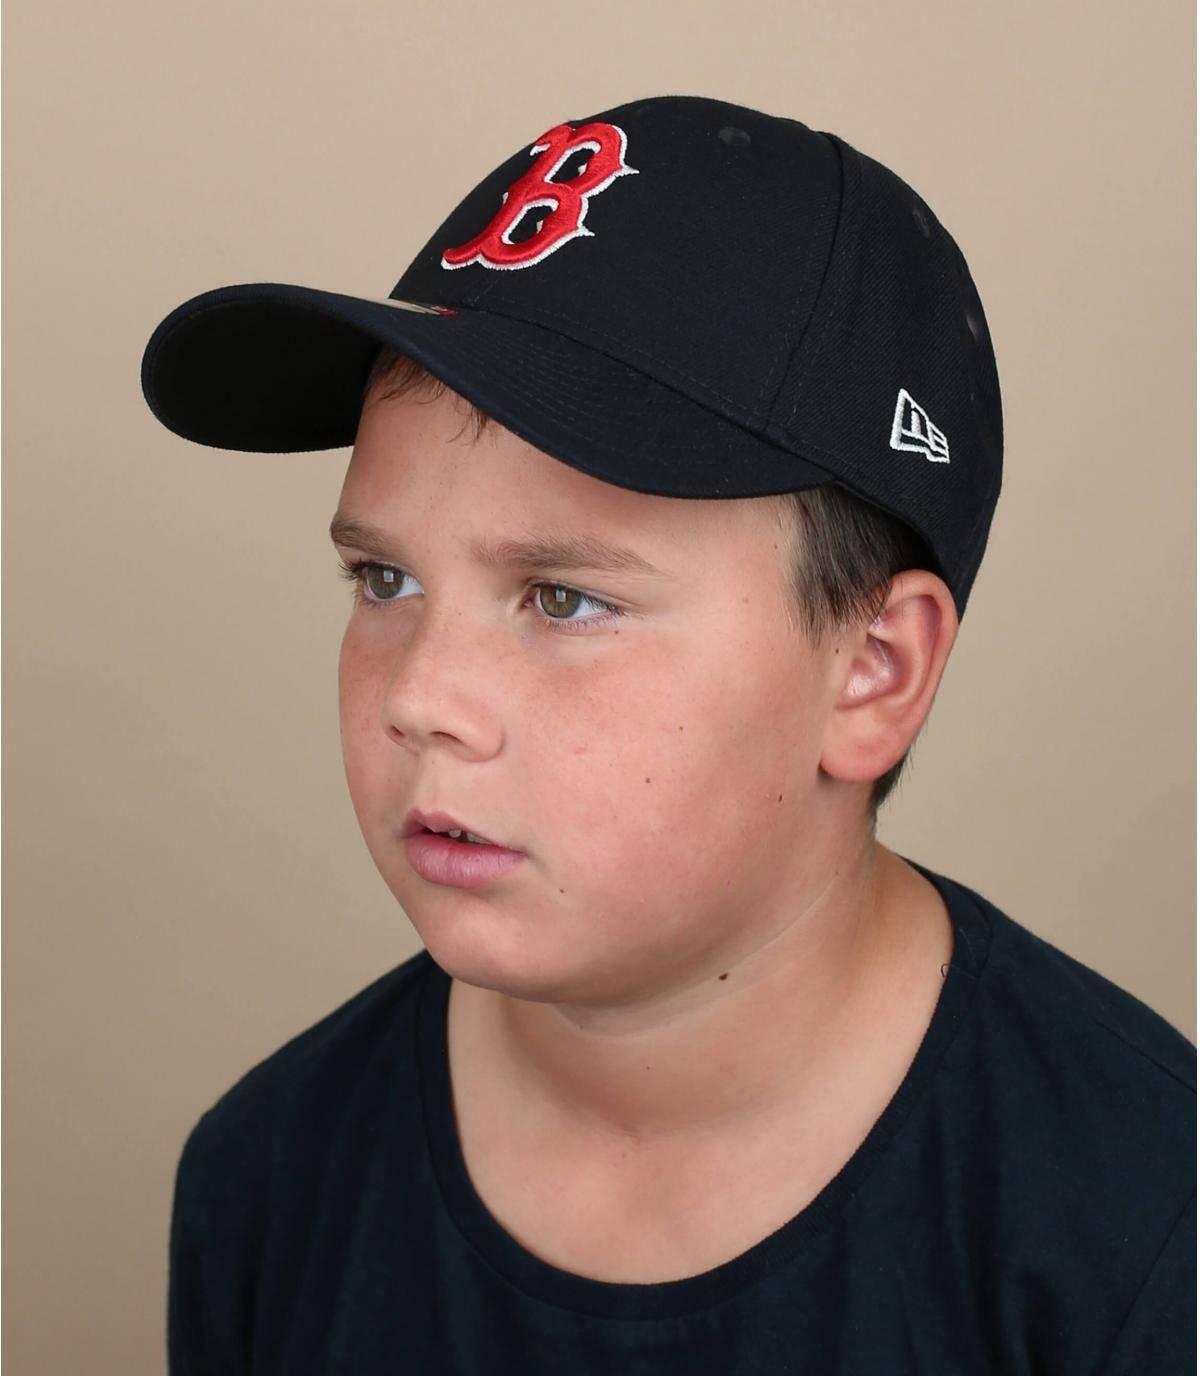 casquette B enfant